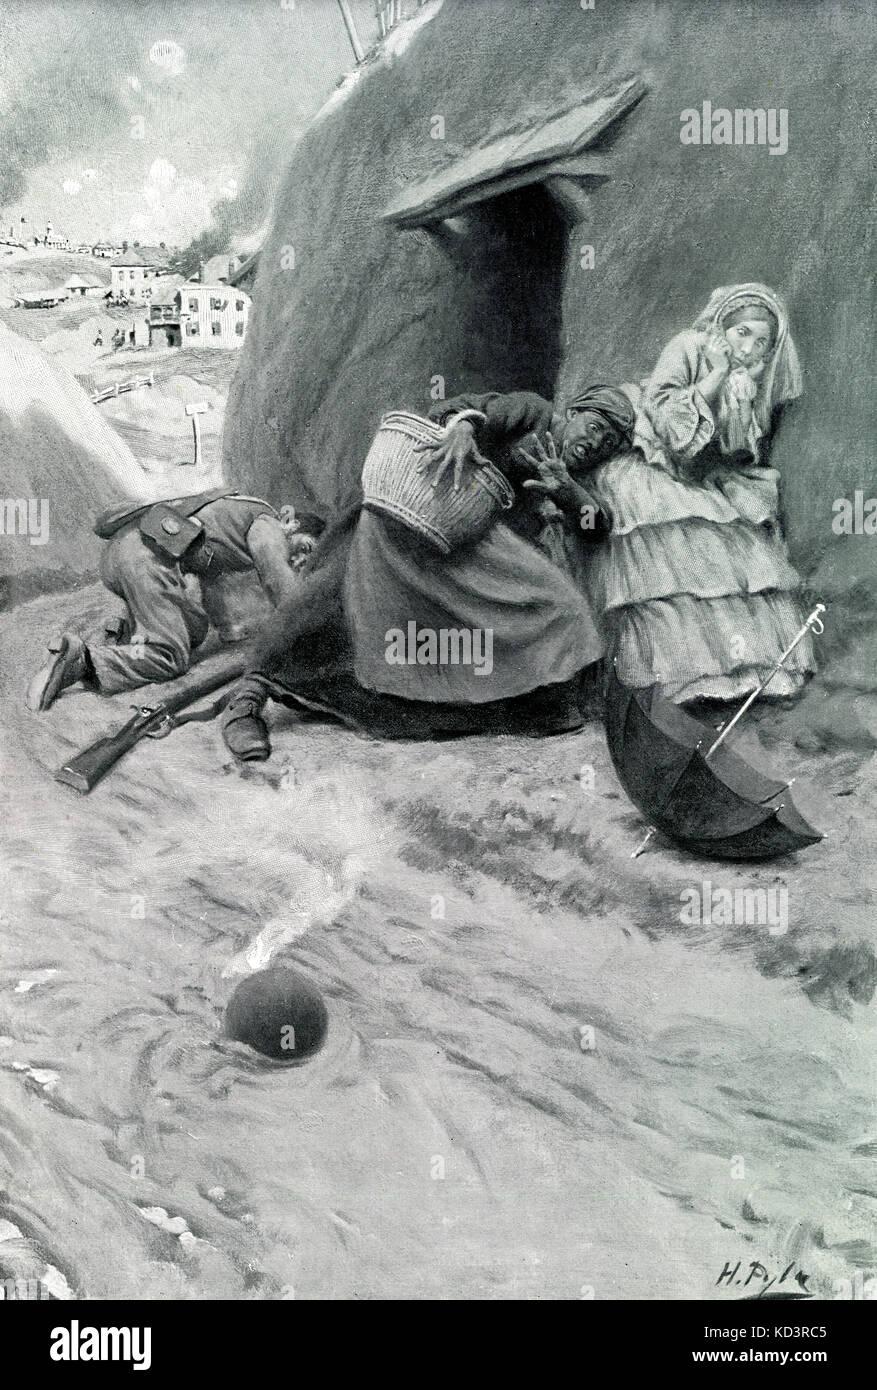 Siège de Vicksburg, campagne de Vicksburg, 1863. Guerre civile américaine. Des citoyens non combisants de Vicksburg qui s'abritaient dans des grottes creusées dans le flanc de la colline s'échappent étroitement du feu de la coquille. Illustration de Howard Pyle, 1909 Banque D'Images